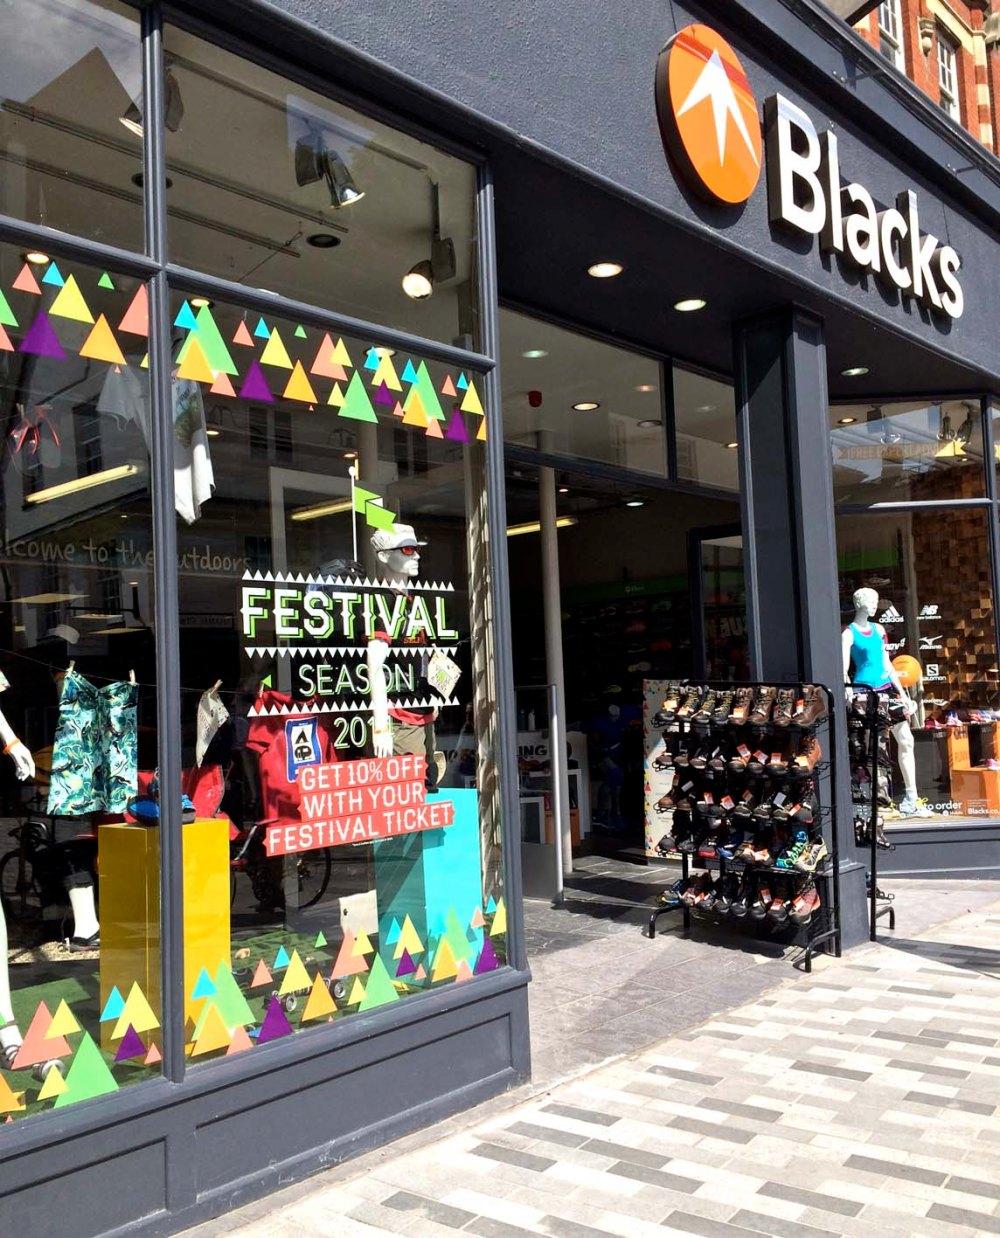 BLACKS_FESTIVAL_02